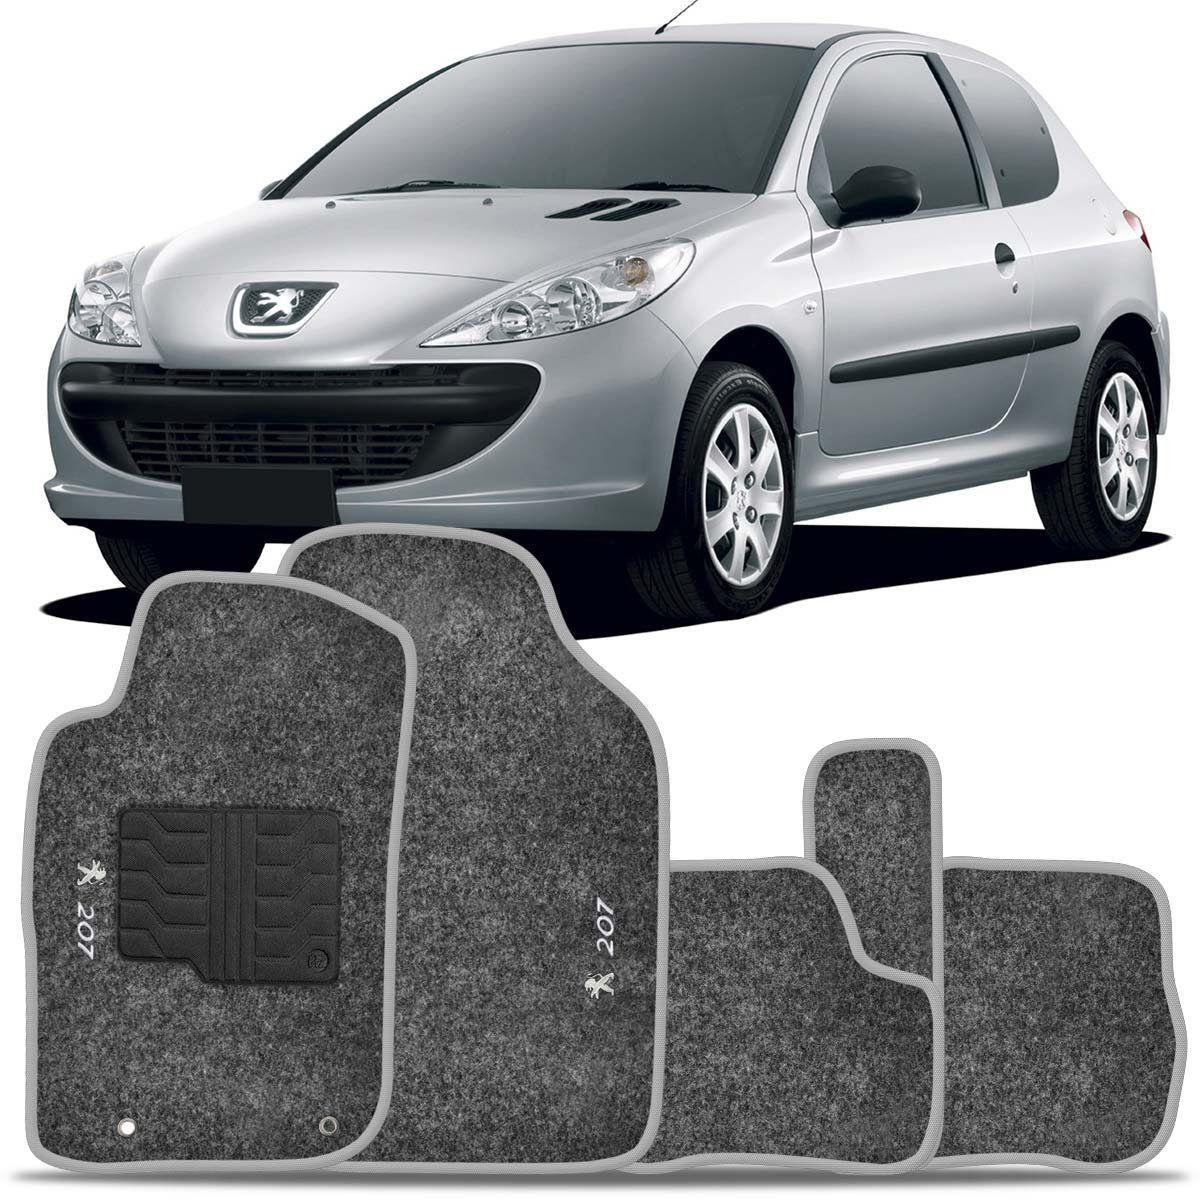 Tapete Carpete Peugeot 207 2010 2011 2012 2013 2014 Grafite